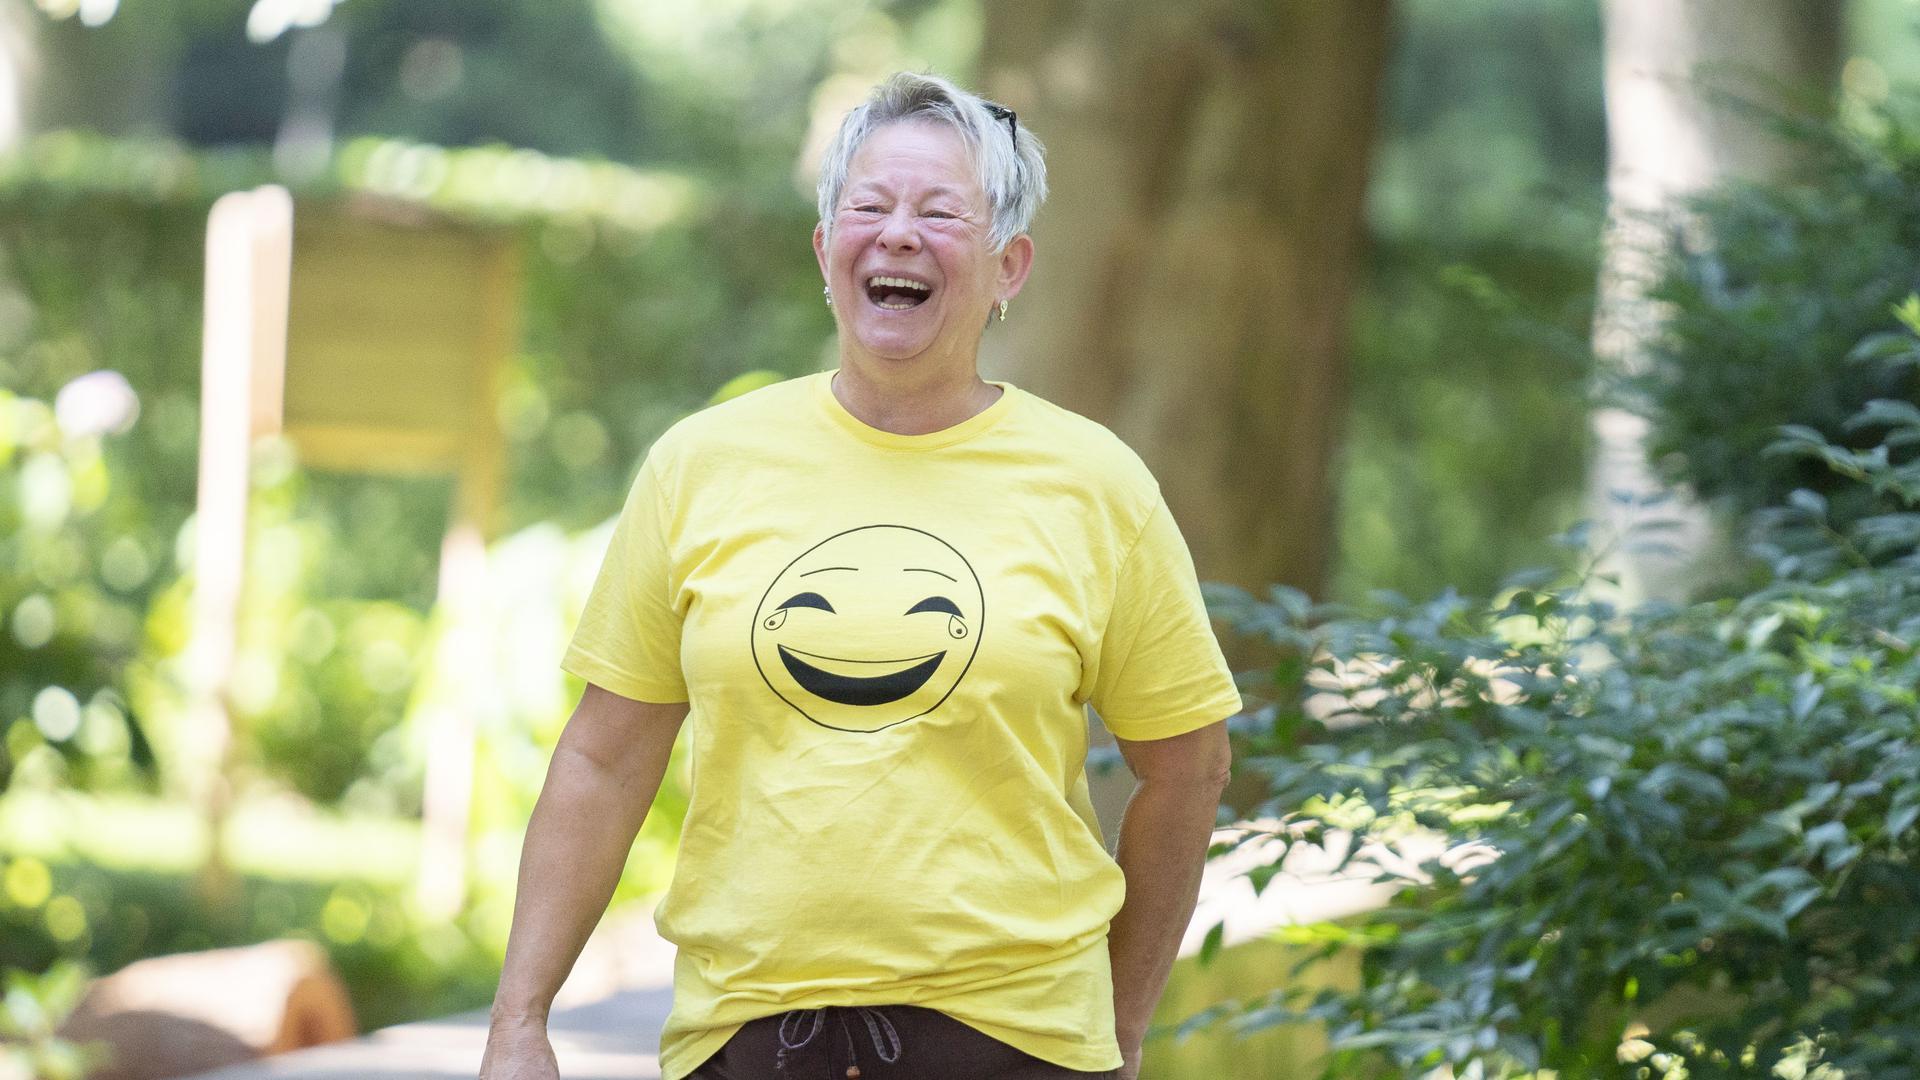 Gezieltes Lachen soll dem Wohlbefinden helfen. Gabriele Ott aus Eggenstein-Leopoldshafen hat das in einem Kurs erst selbst gelernt und bietet nun einen Kurs an.